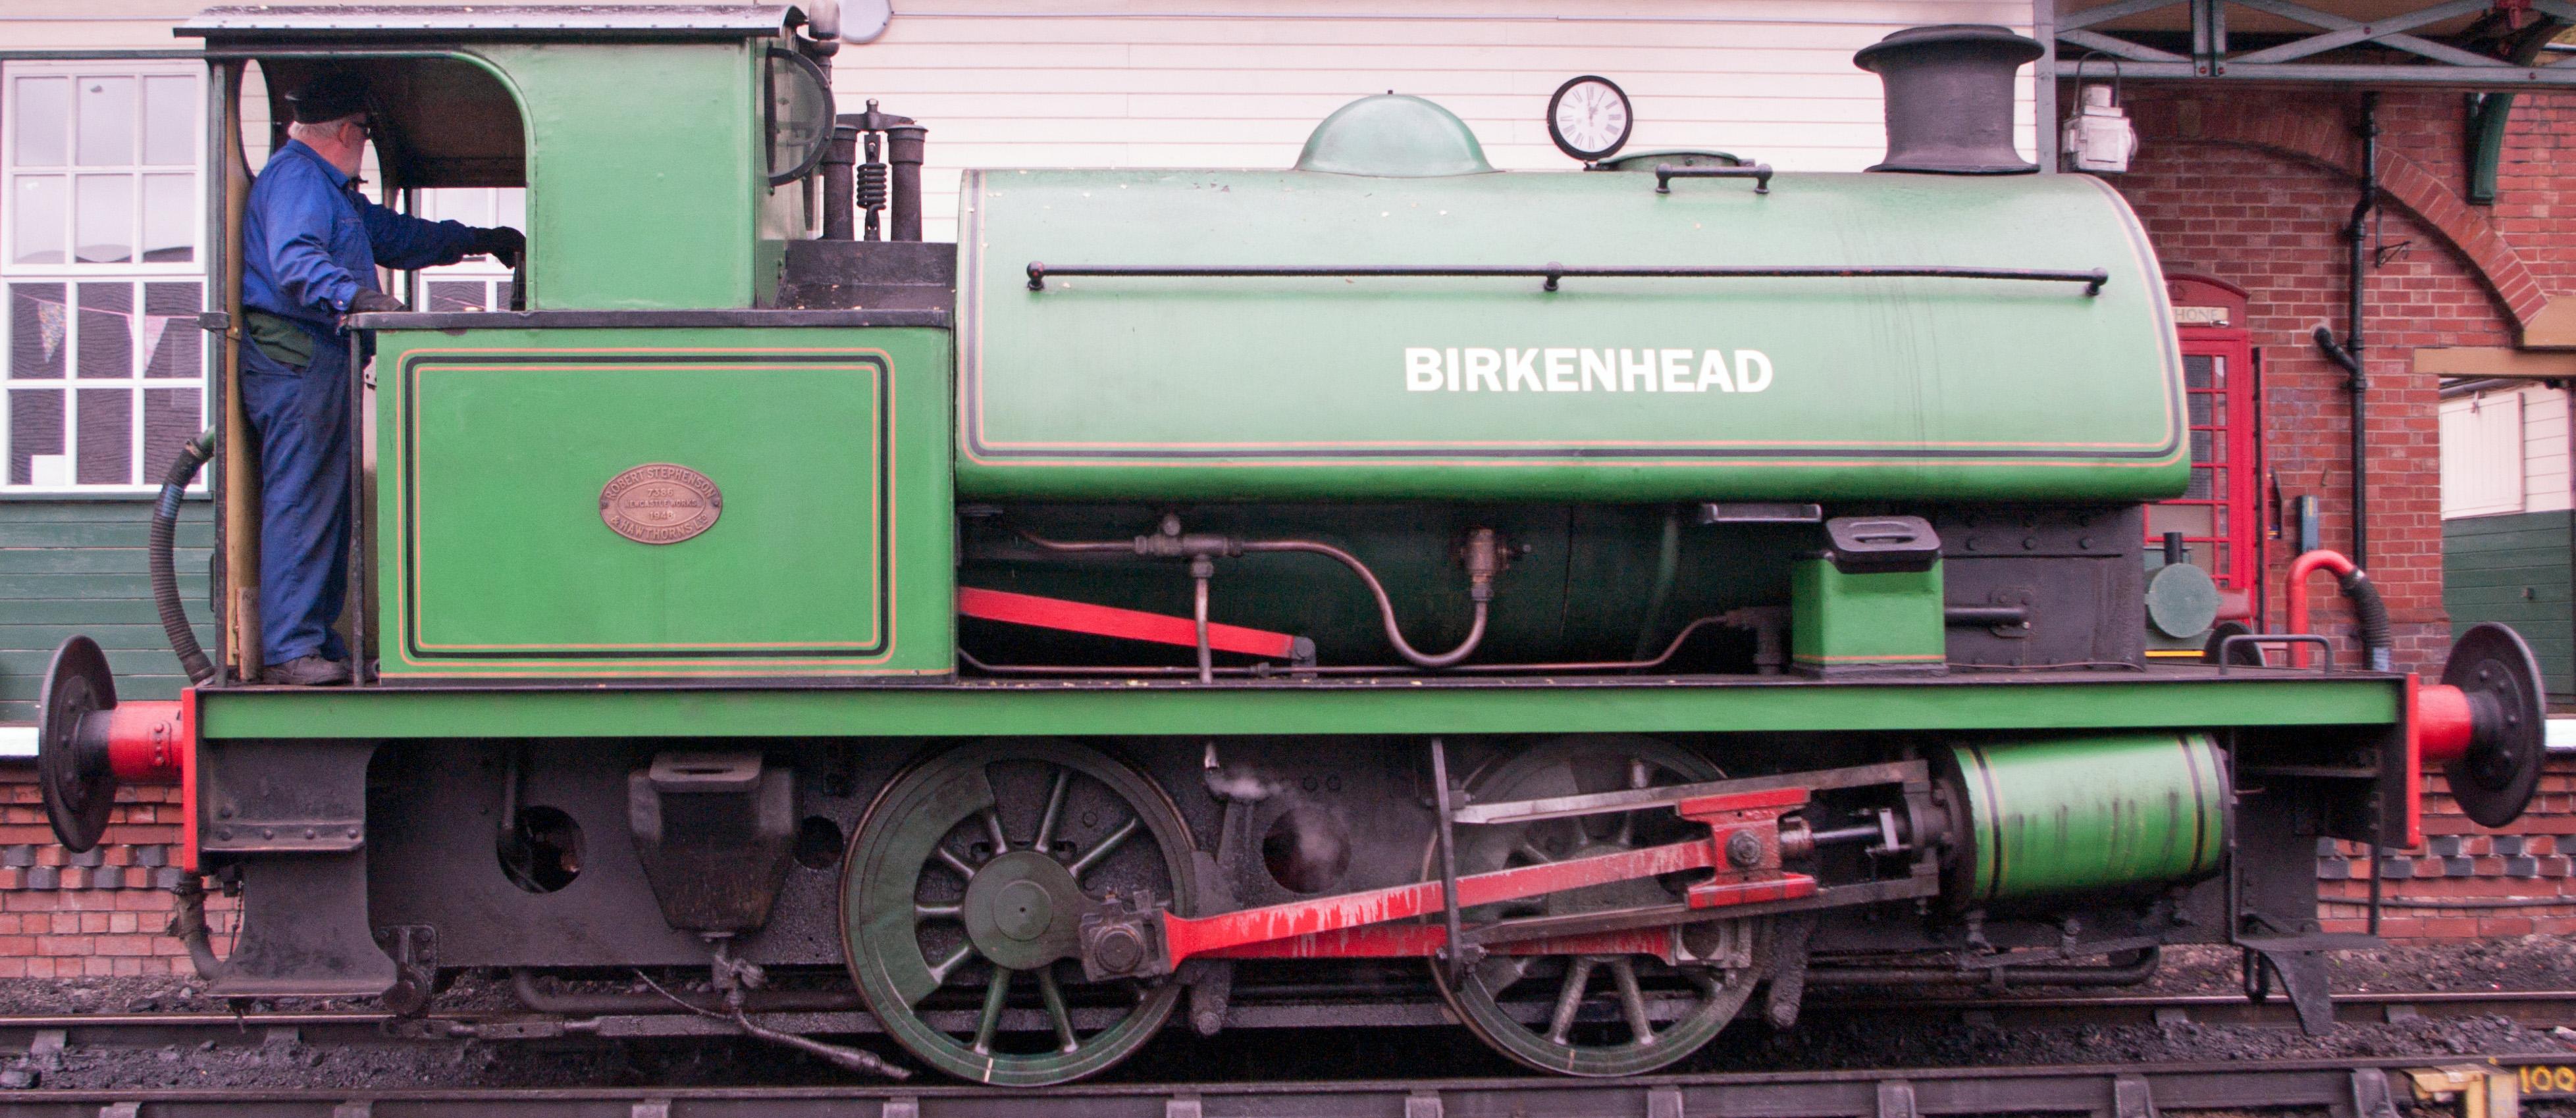 41361-Elsecar Heritage Railway-2017.jpg